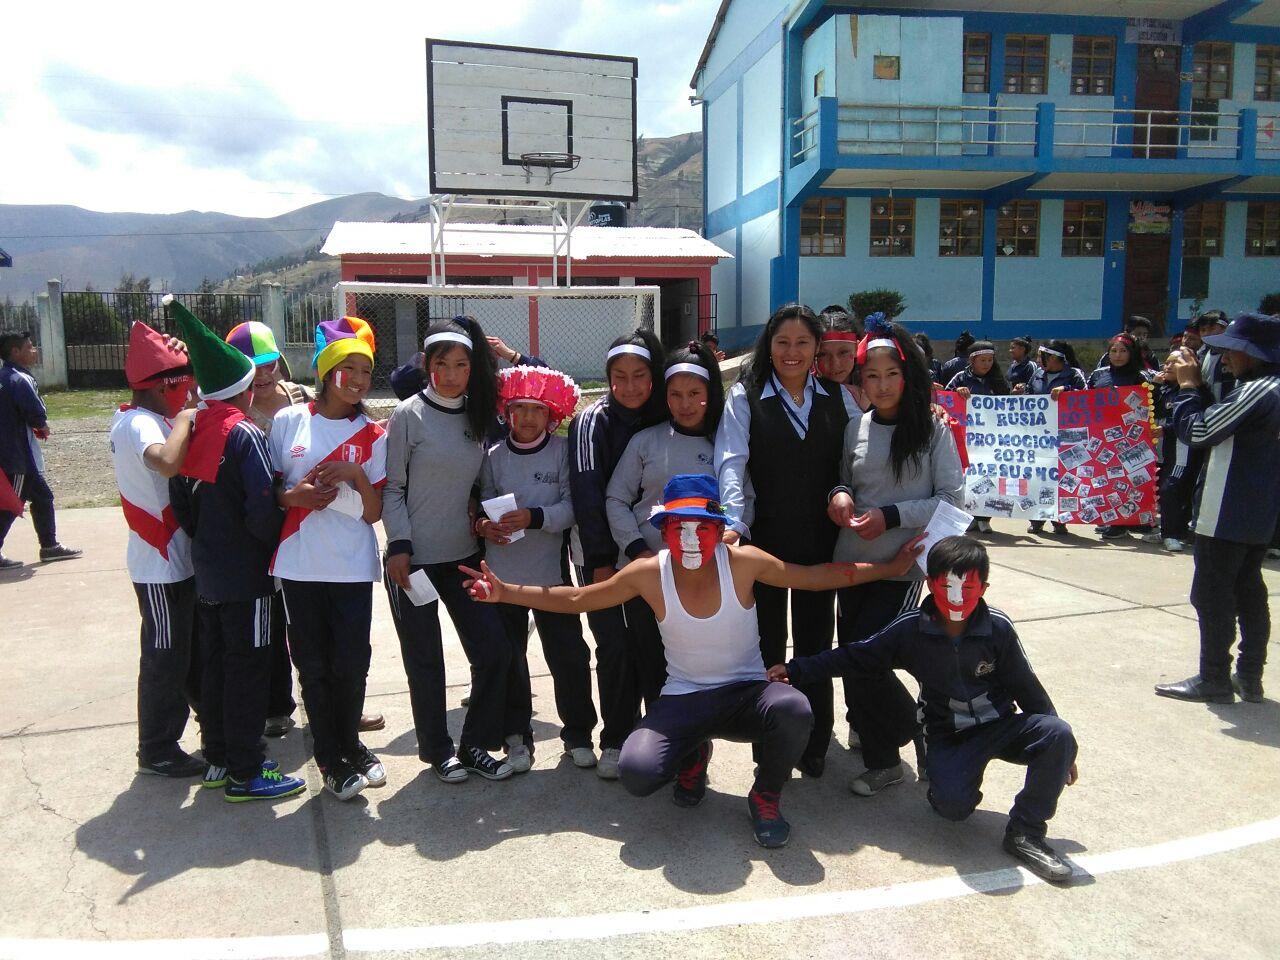 Perú clasifica al Mundial de Fútbol por primera vez en 35 años